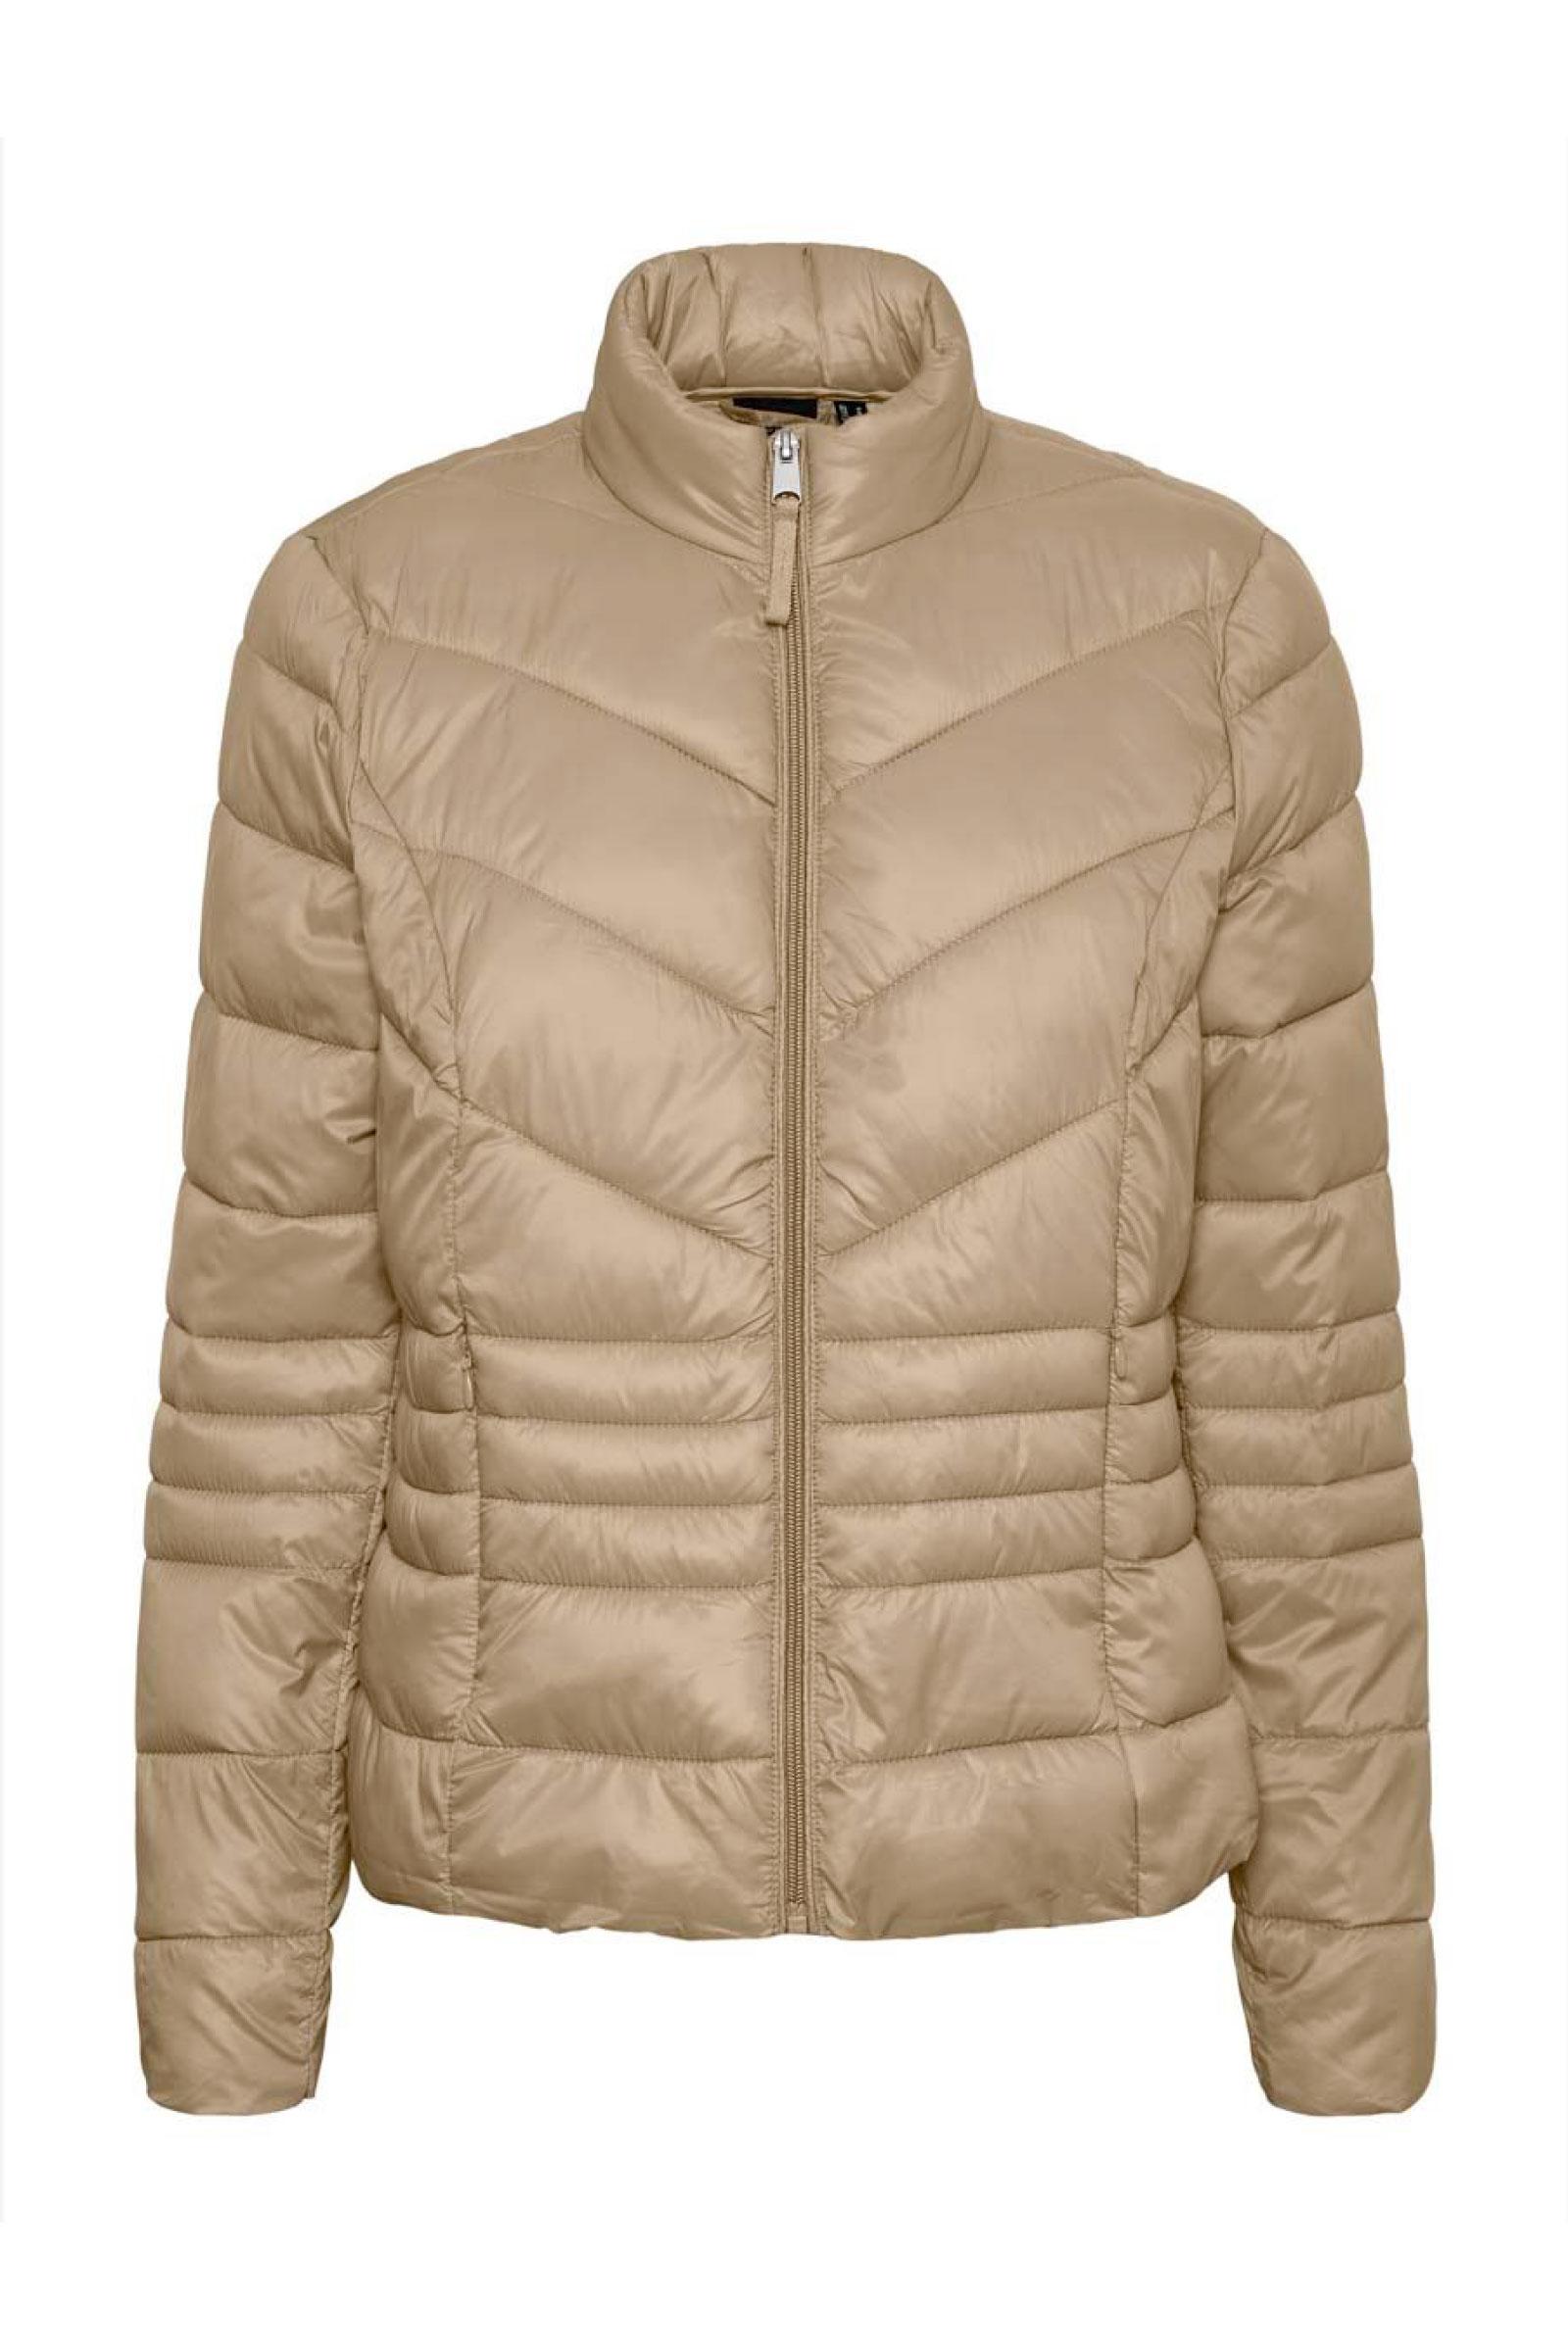 VERO MODA   Jacket   10247212Safari